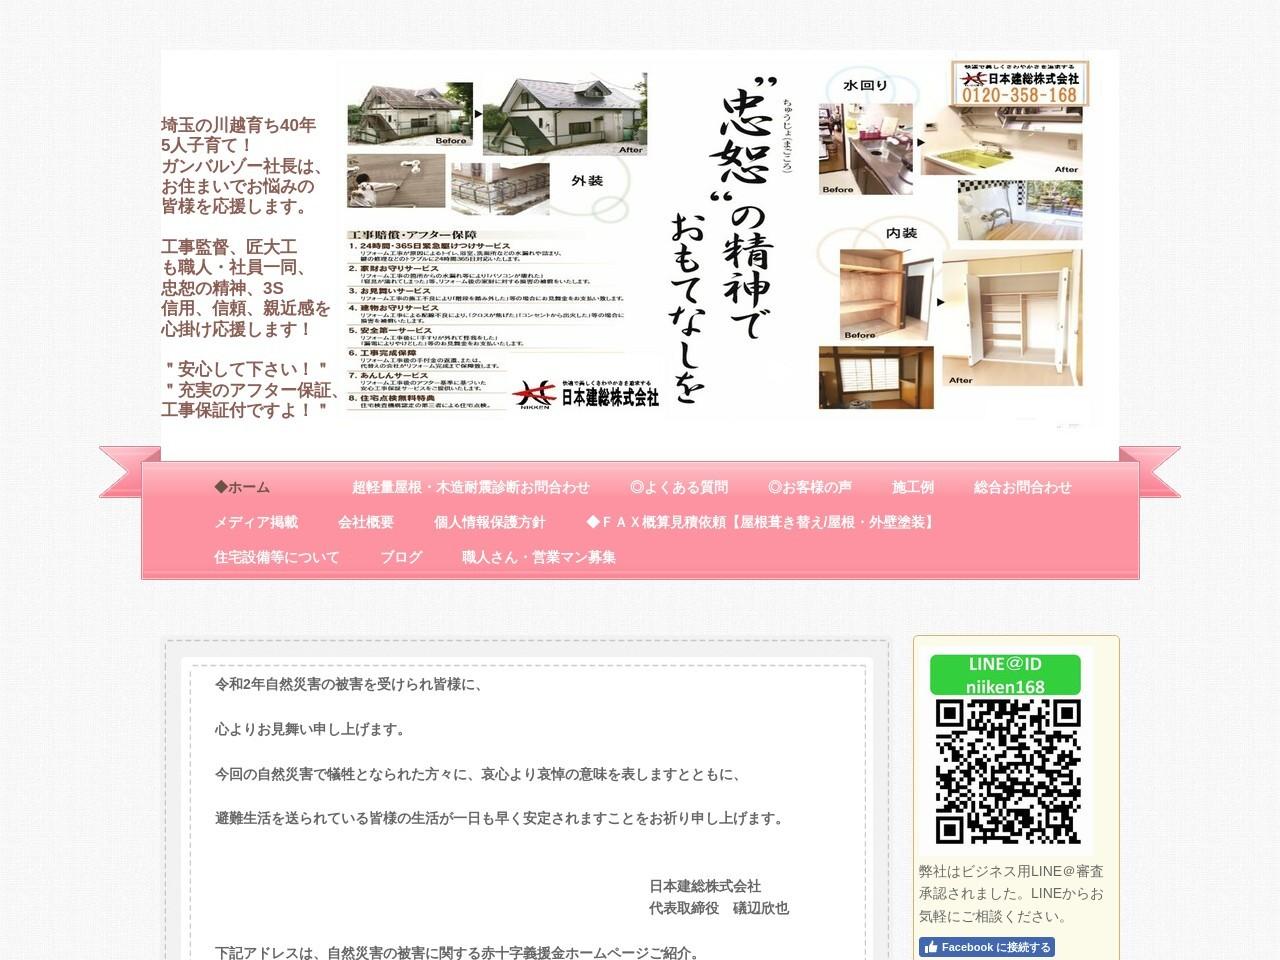 日本建総株式会社